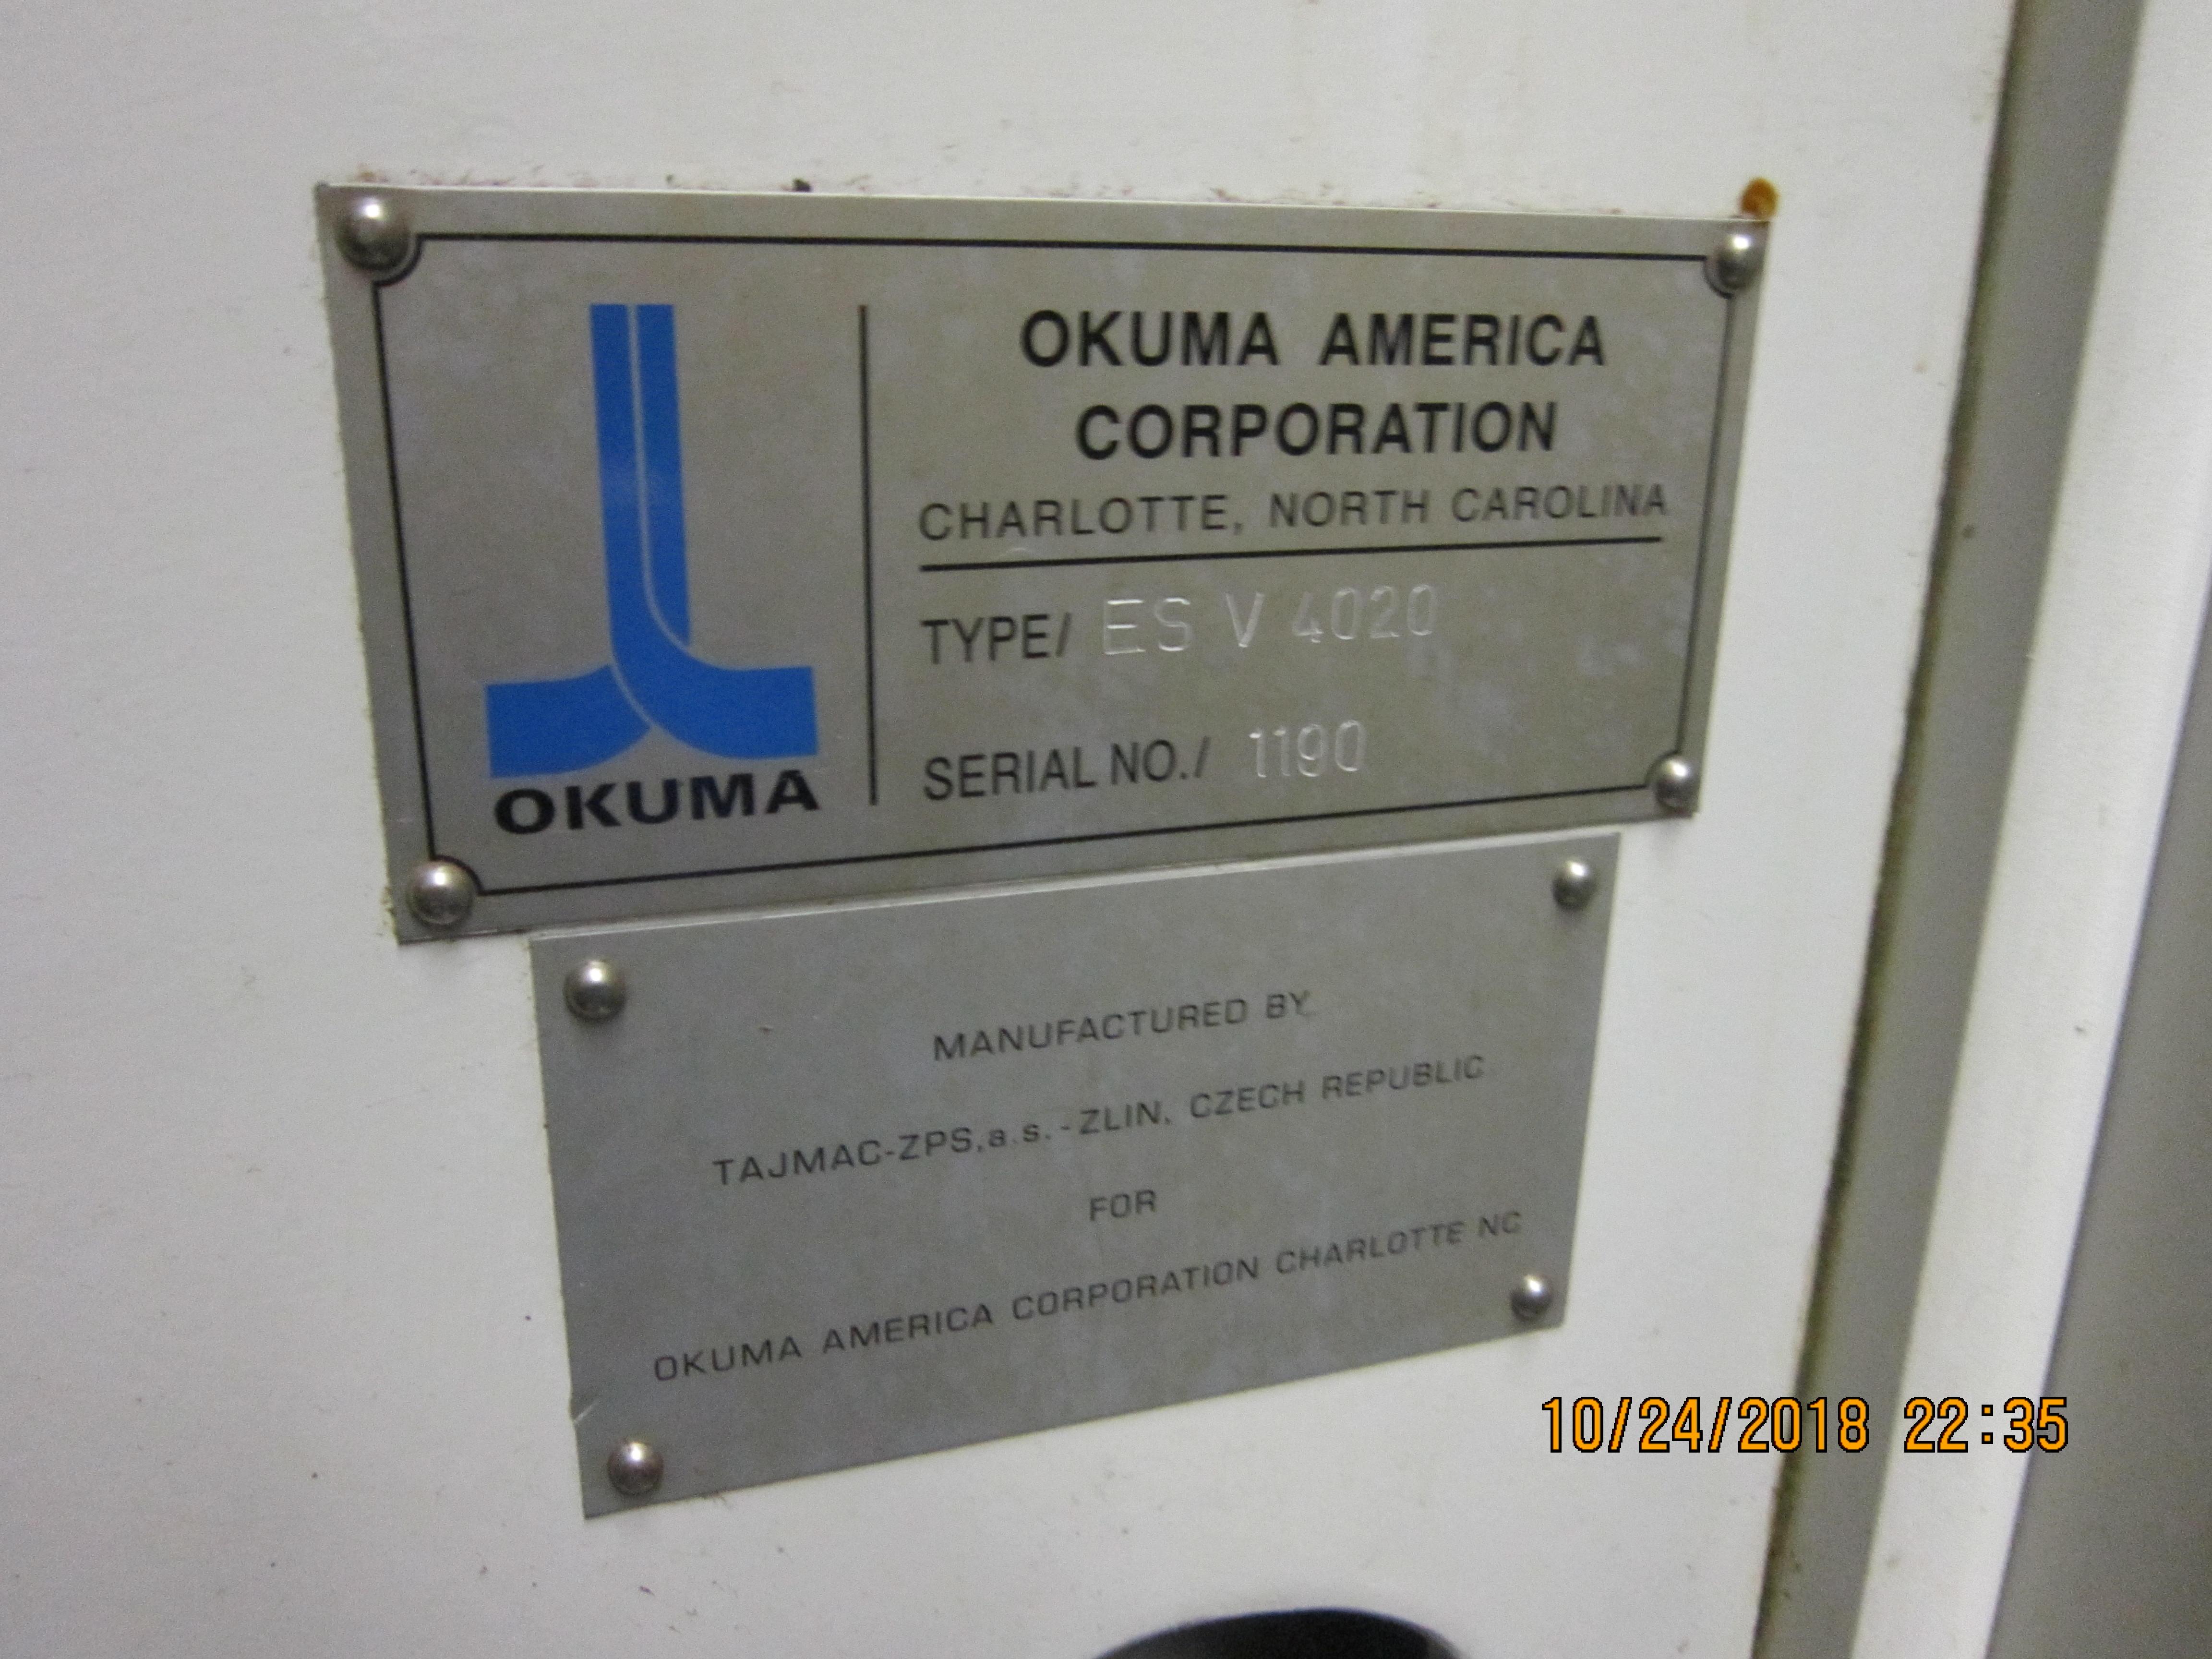 2004 OKUMA ES-V4020 Vertical Machining Center 2004 OKUMA ES-V4020